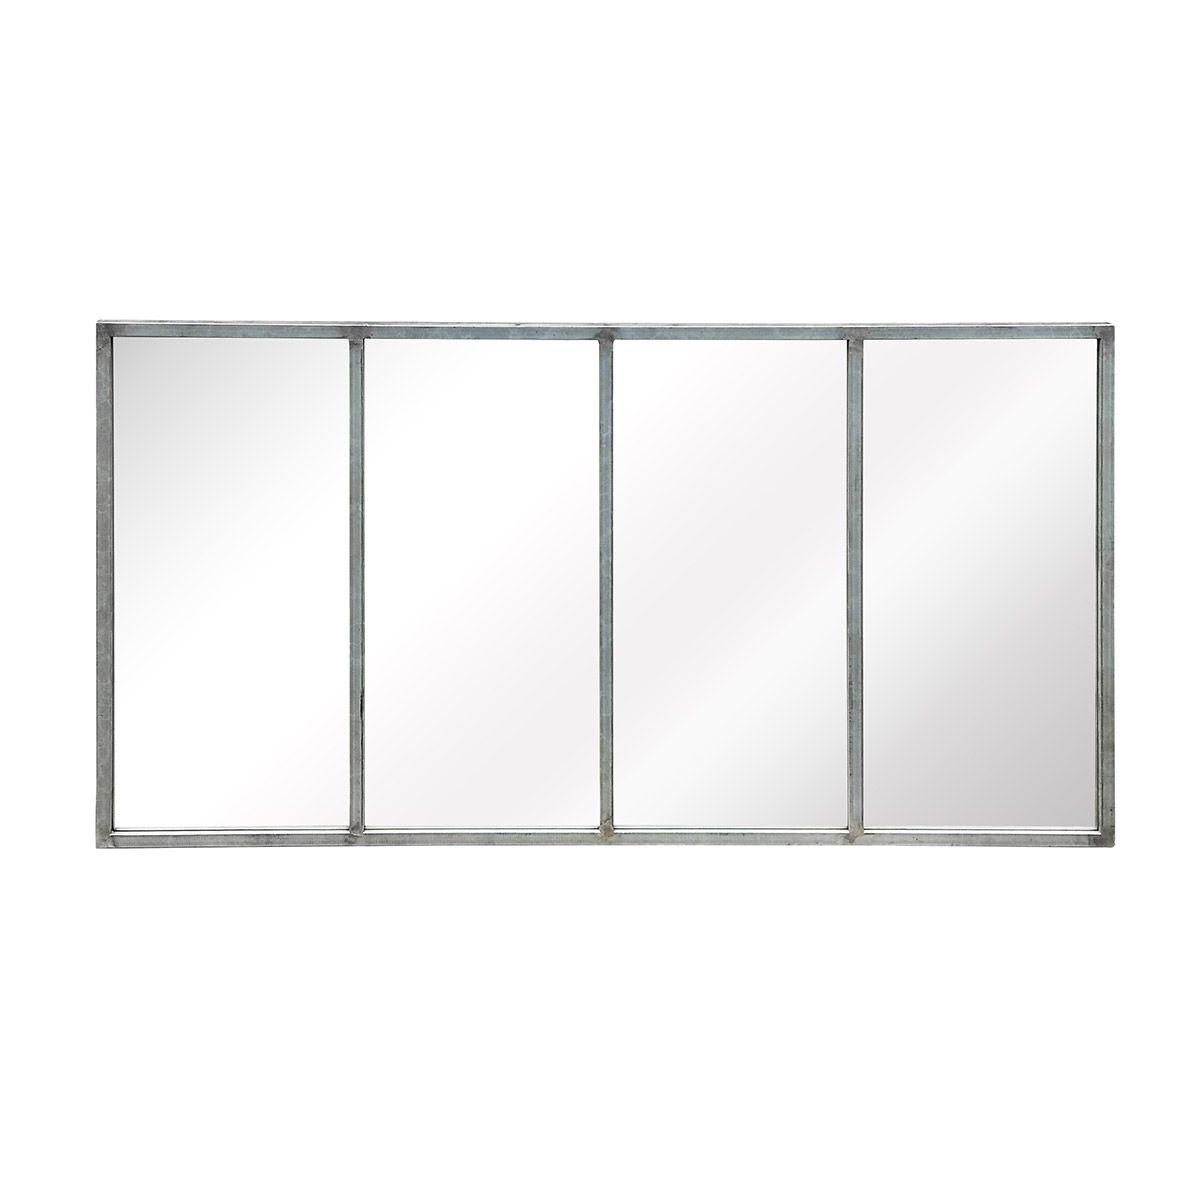 Miroir atelier verrière en métal gris 75x140